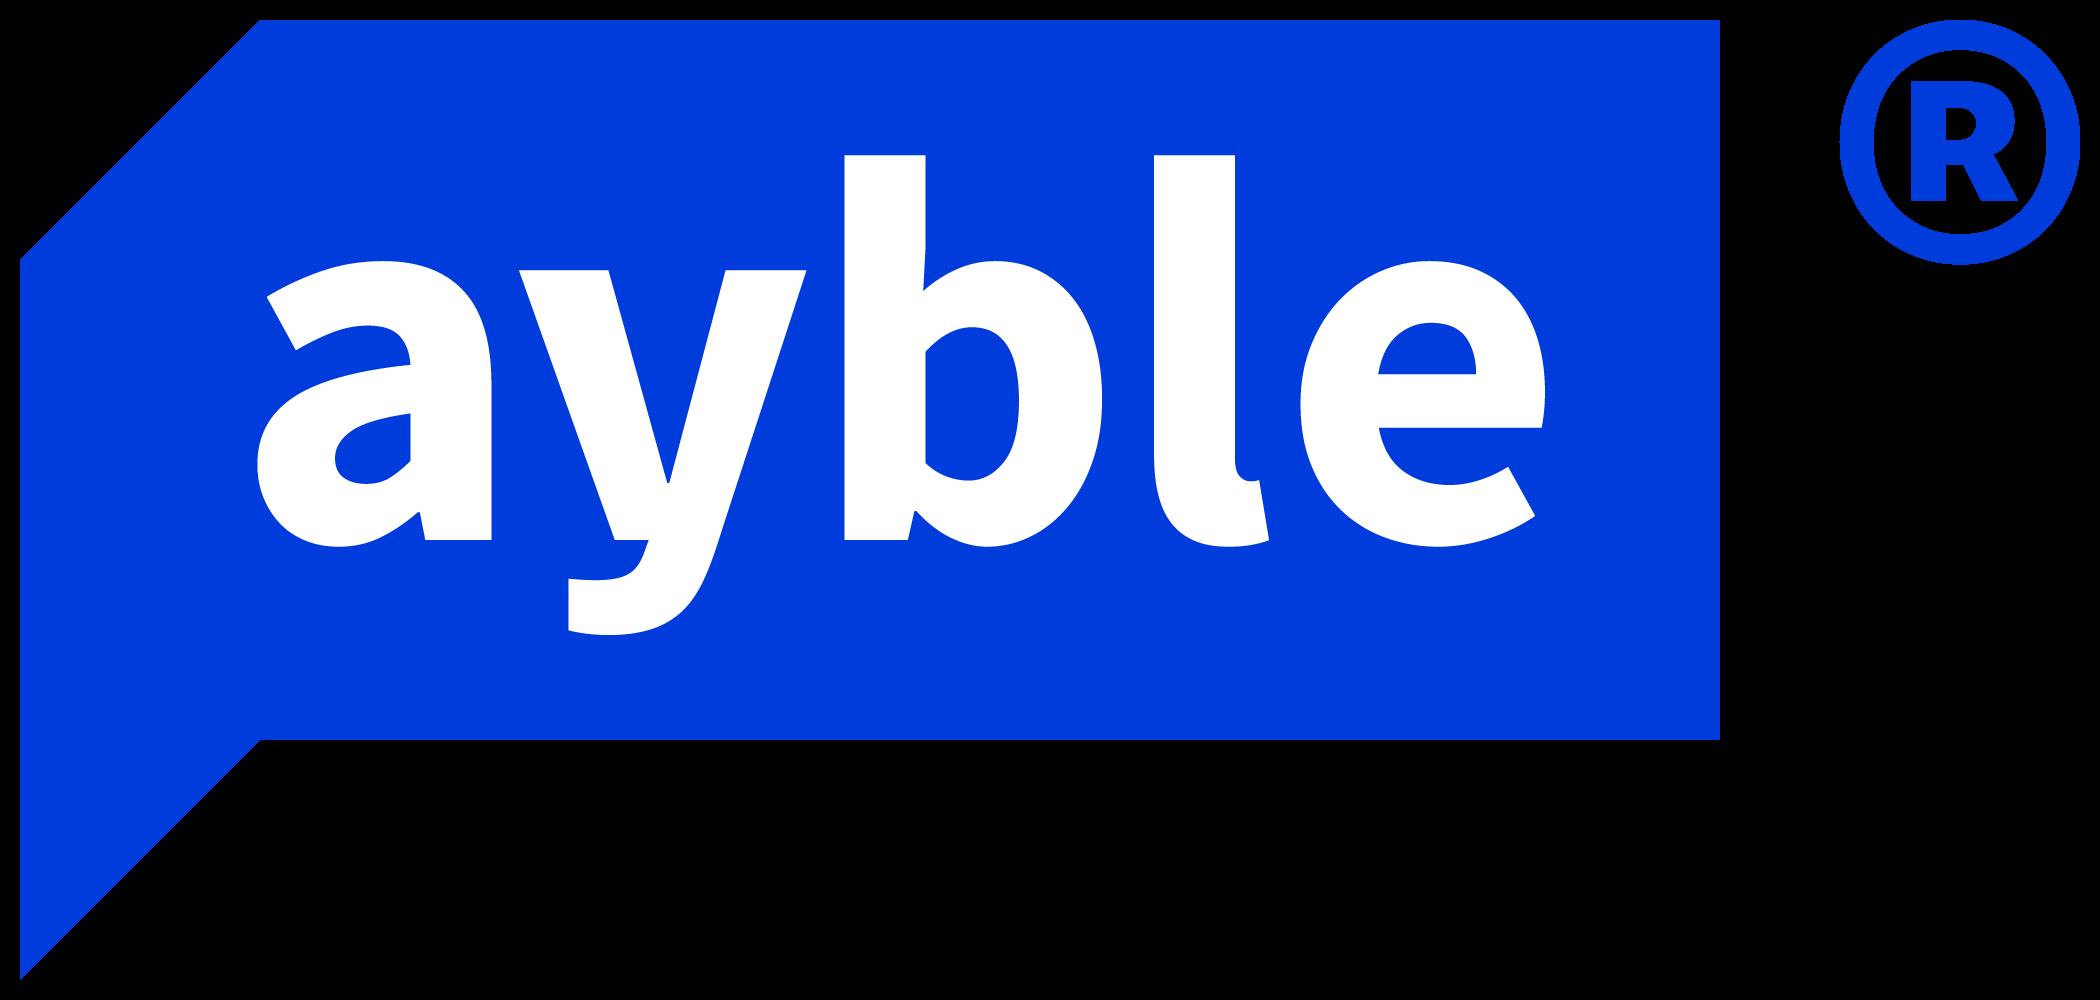 180605_ayble_Markenzeichen_positiv